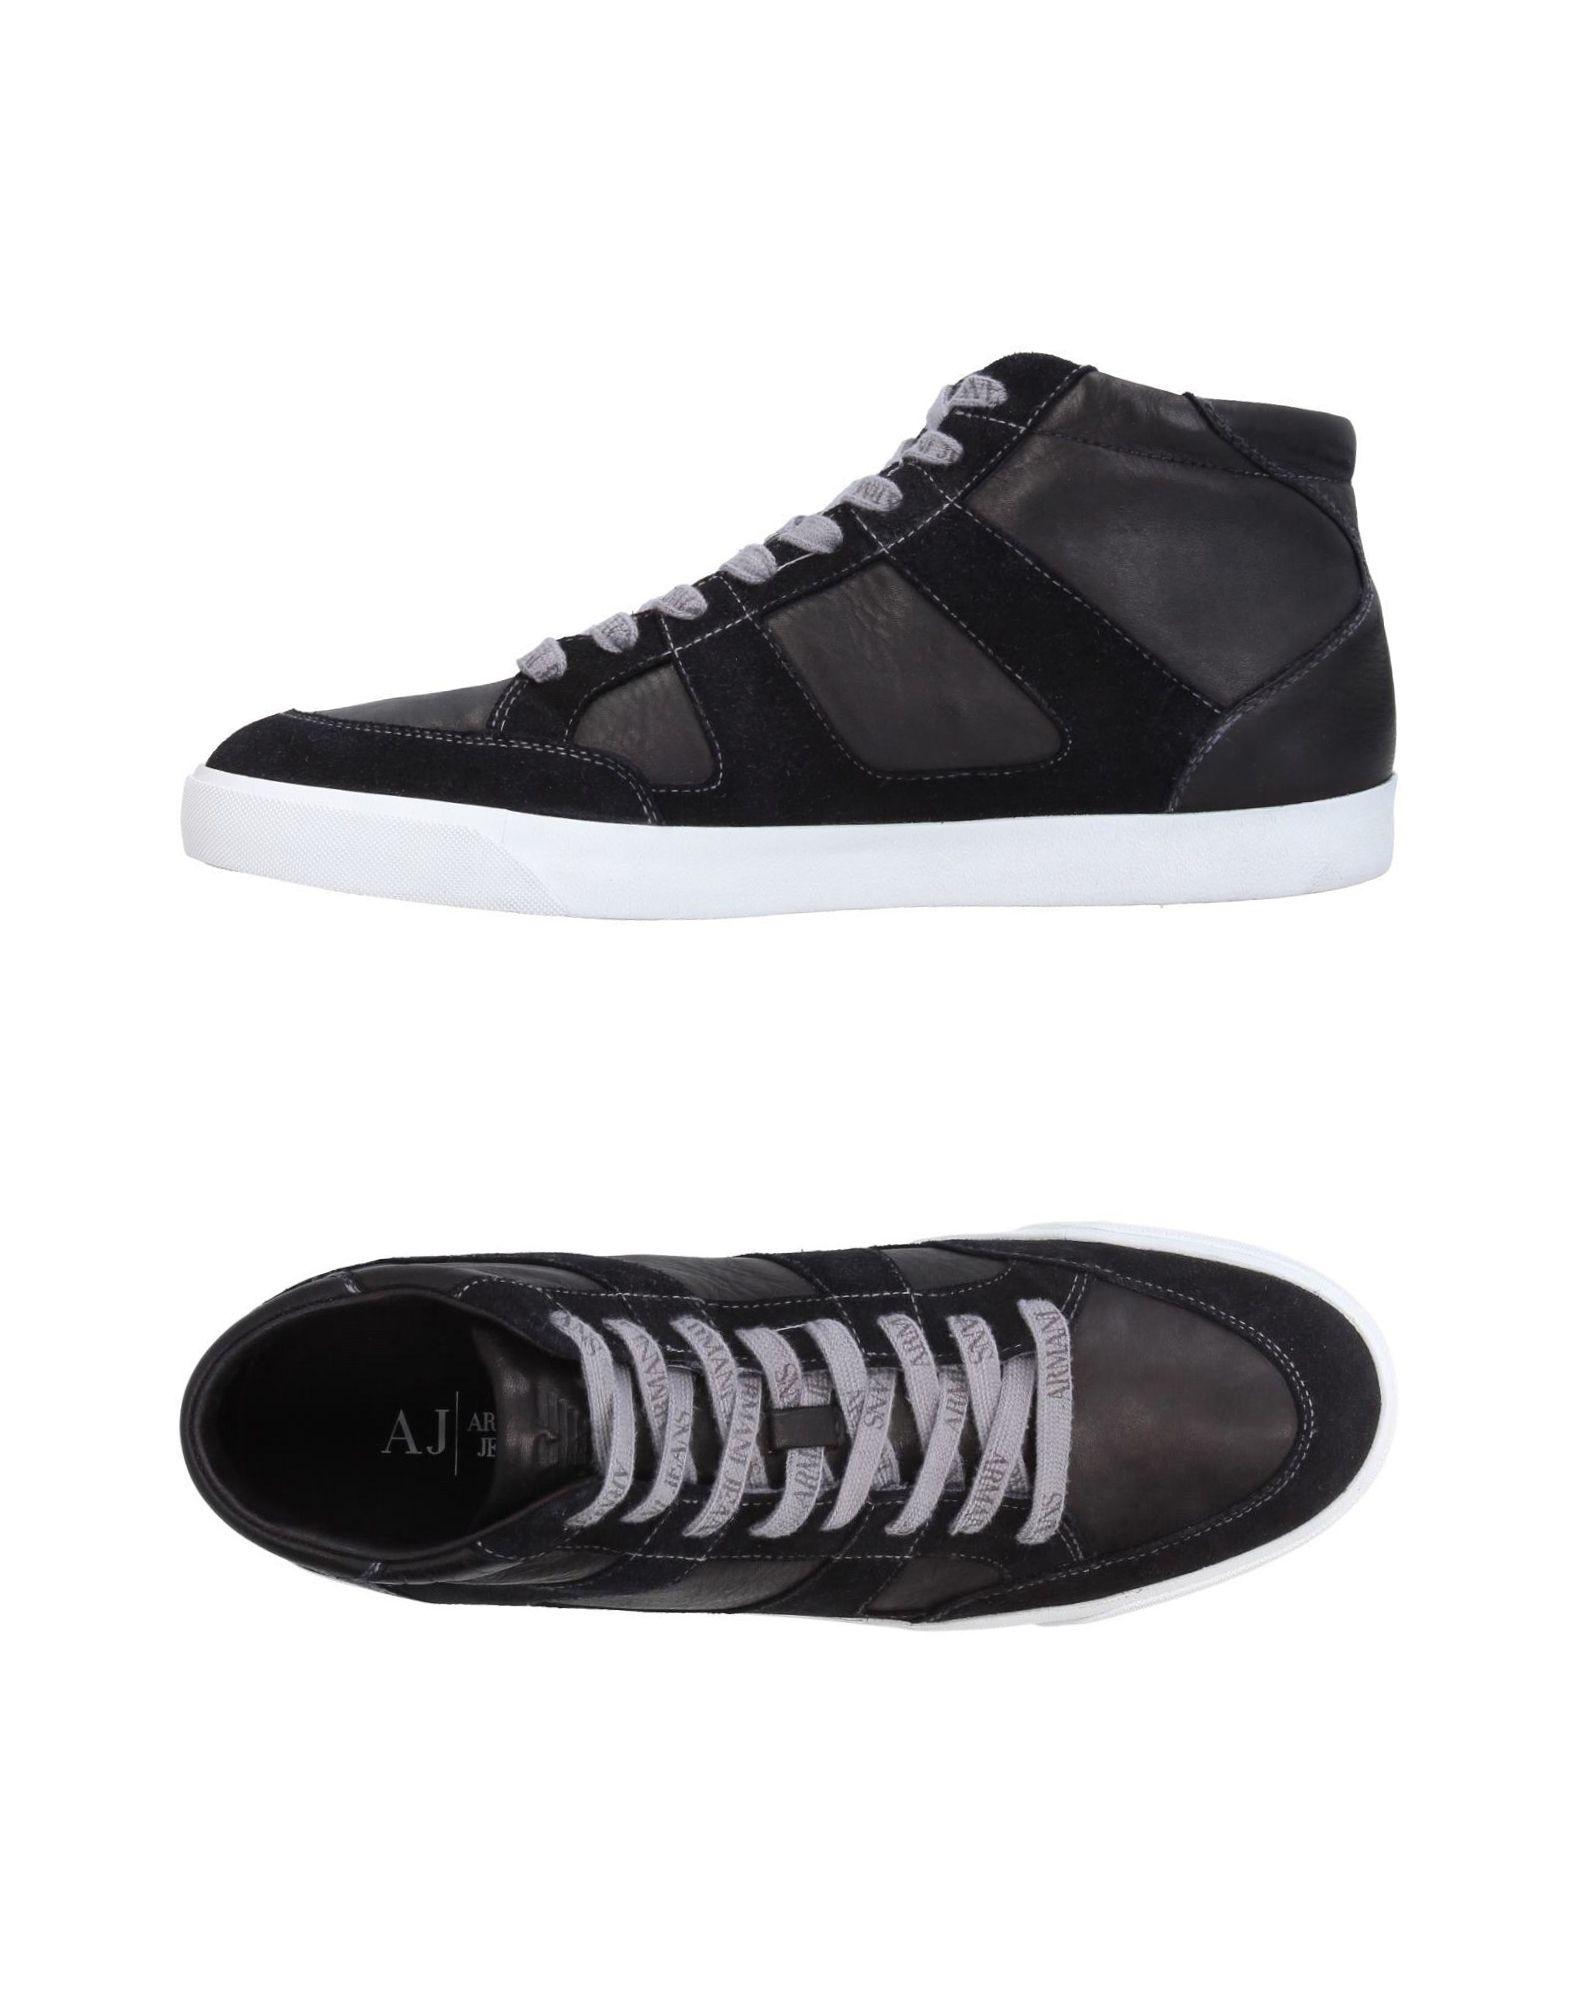 ARMANI JEANS Herren High Sneakers & Tennisschuhe Farbe Schwarz Größe 13 jetztbilligerkaufen